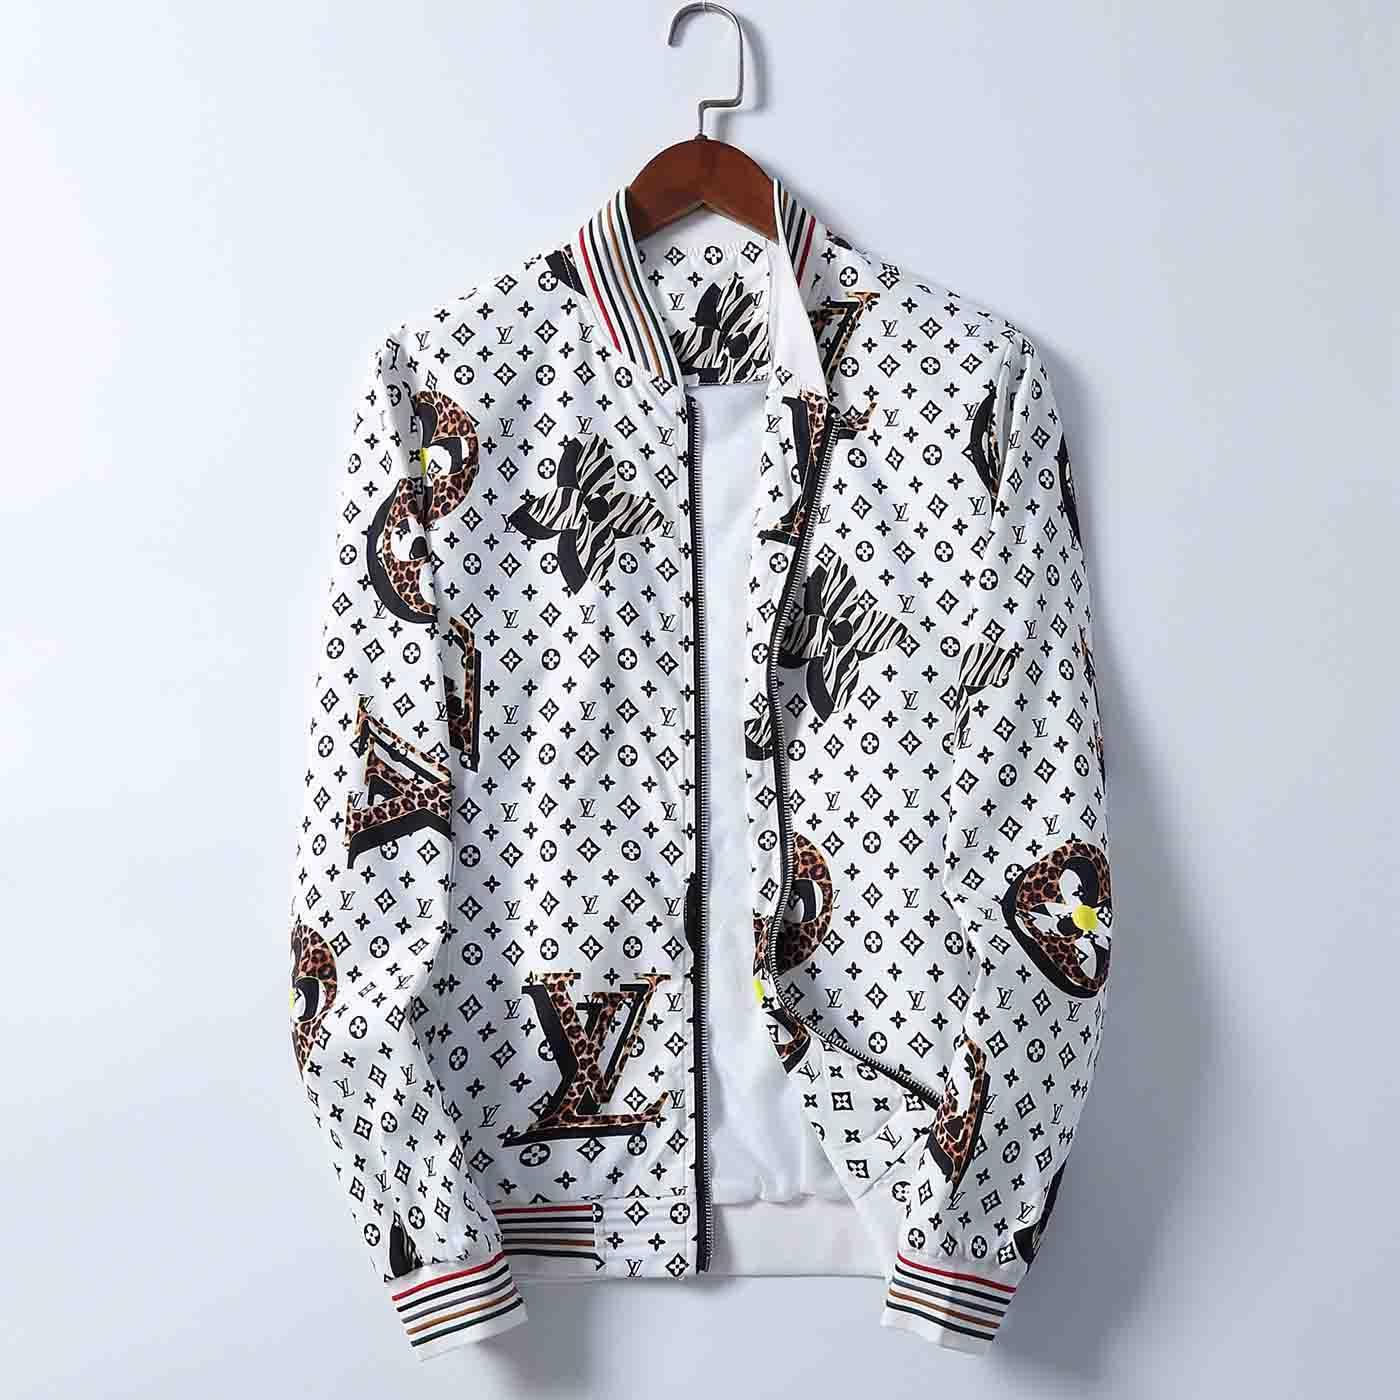 Mens конструктора куртки Hoodie осени зимы вниз пальто Ветровка Марка куртка на молнии Карман Толстые Открытый куртки Мужская одежда класса люкс SQ9